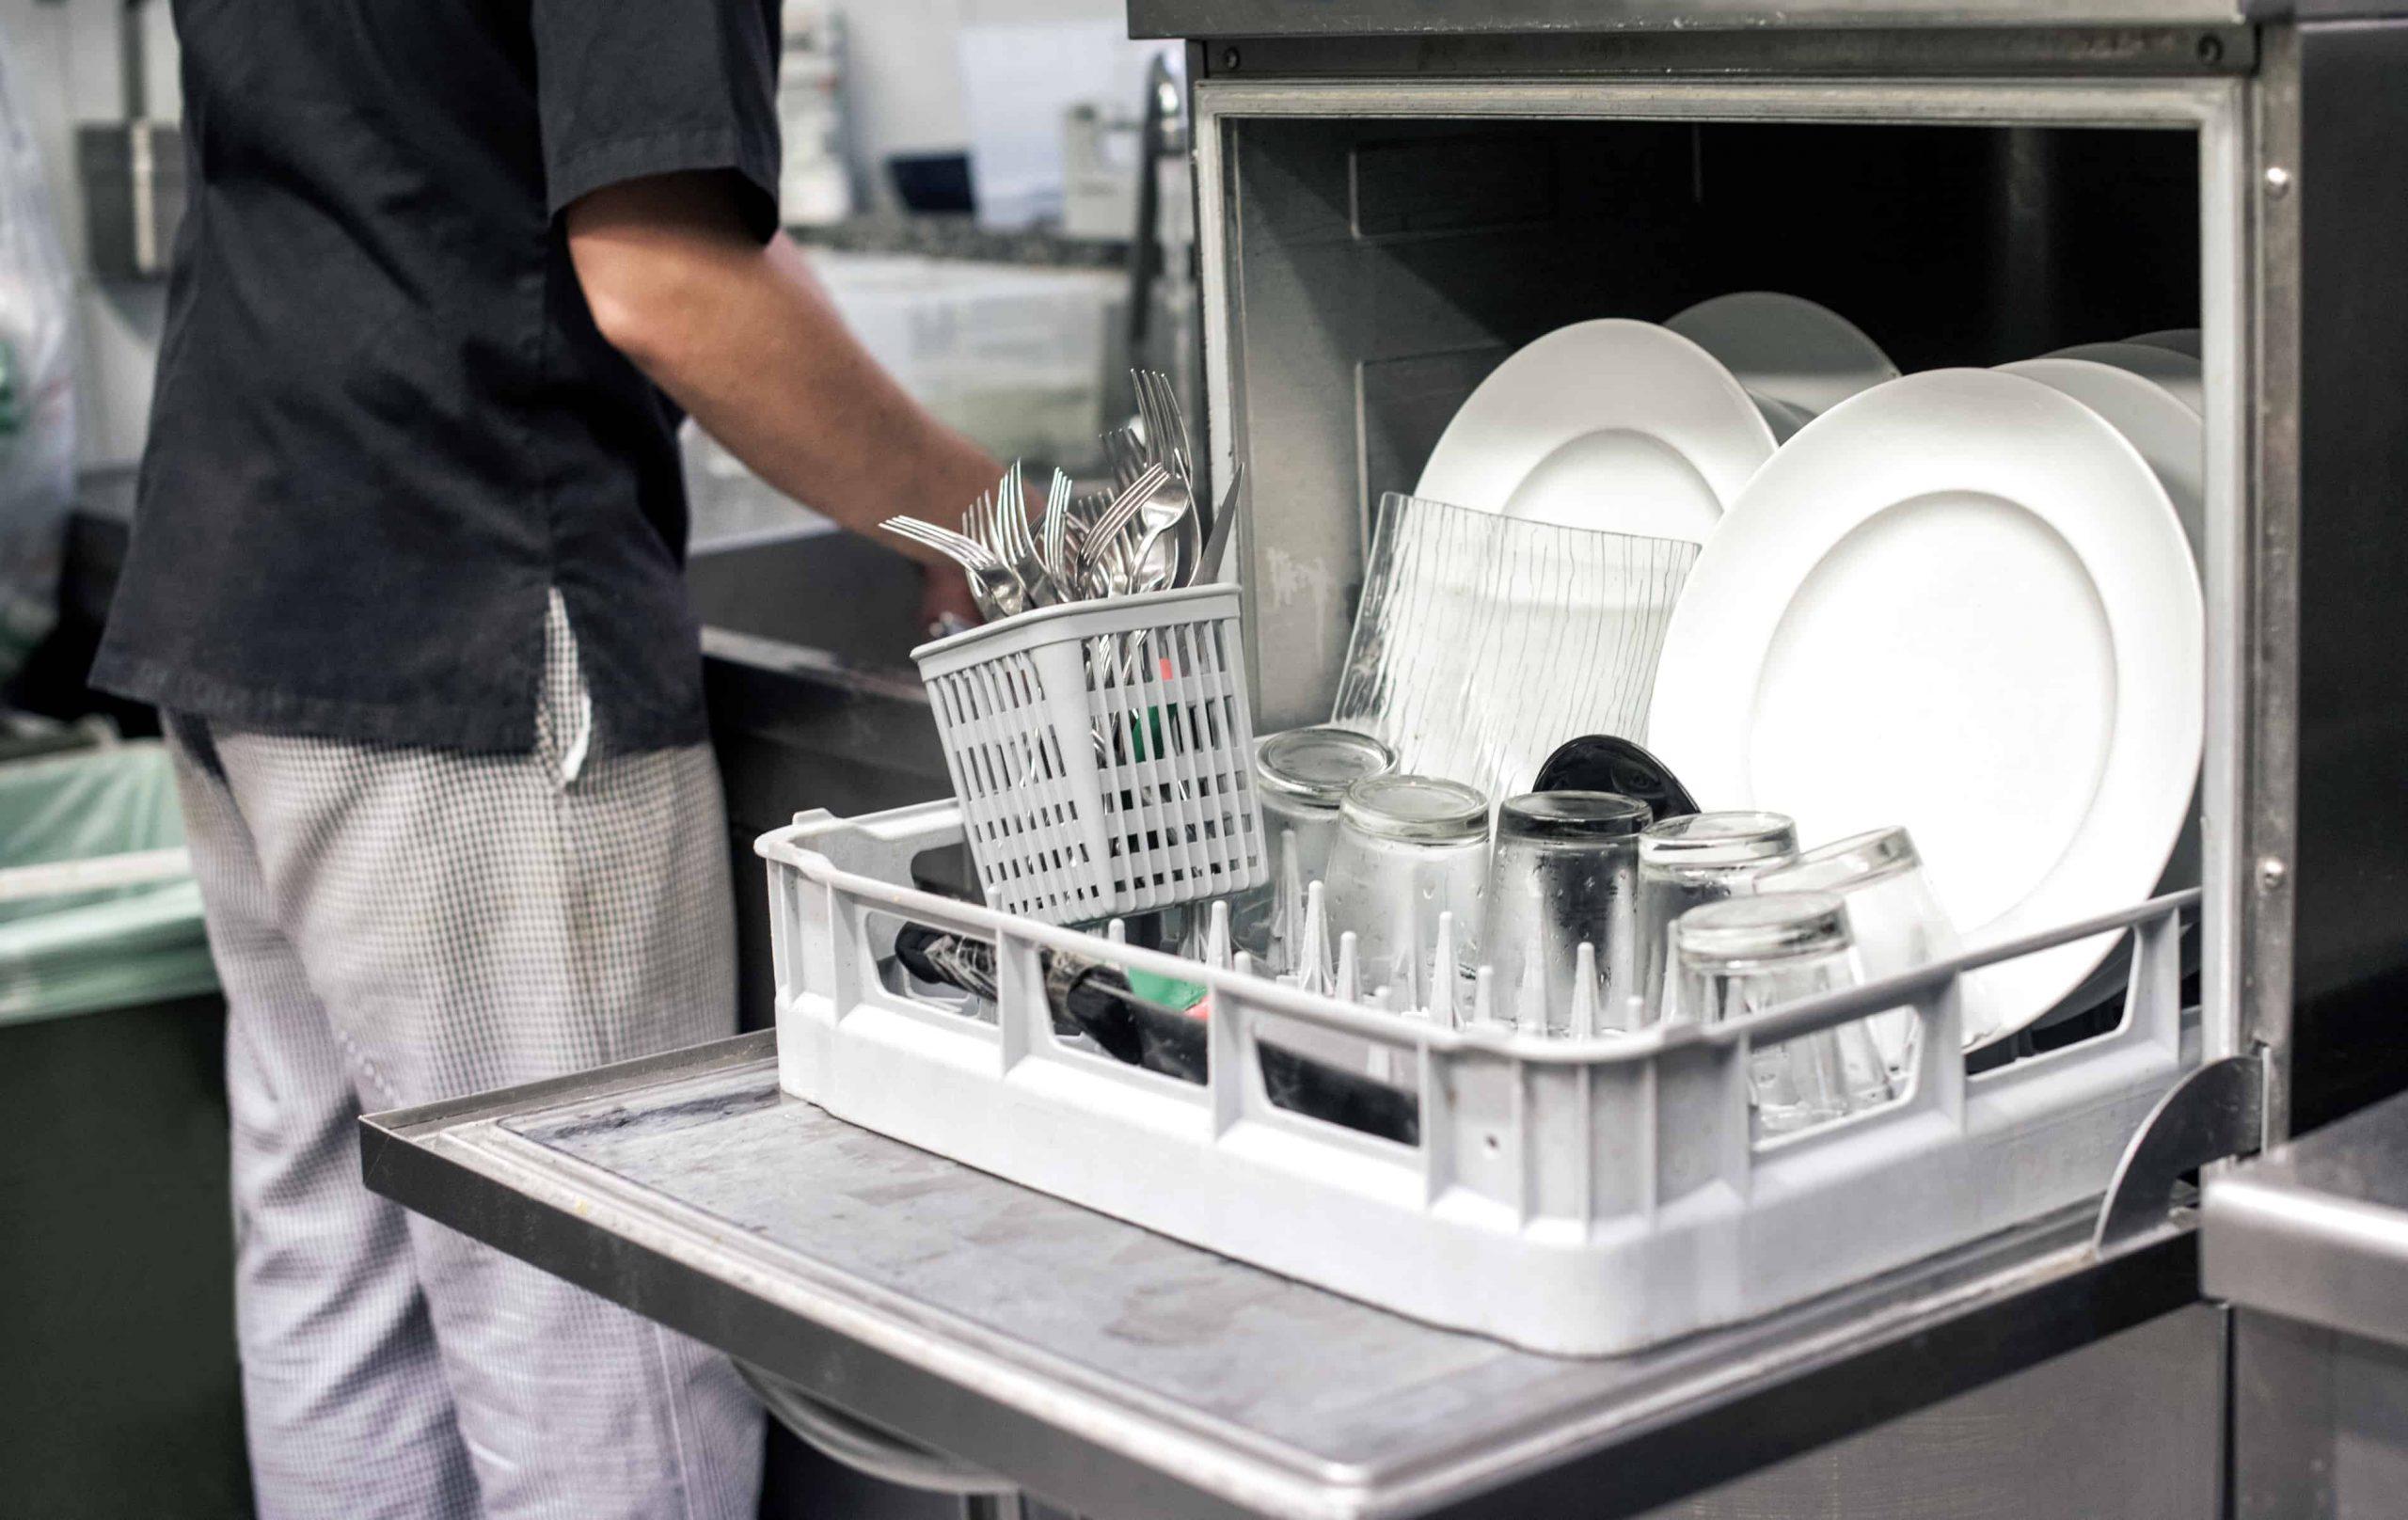 Miglior lavastoviglie Bosch 2020: Guida all'acquisto